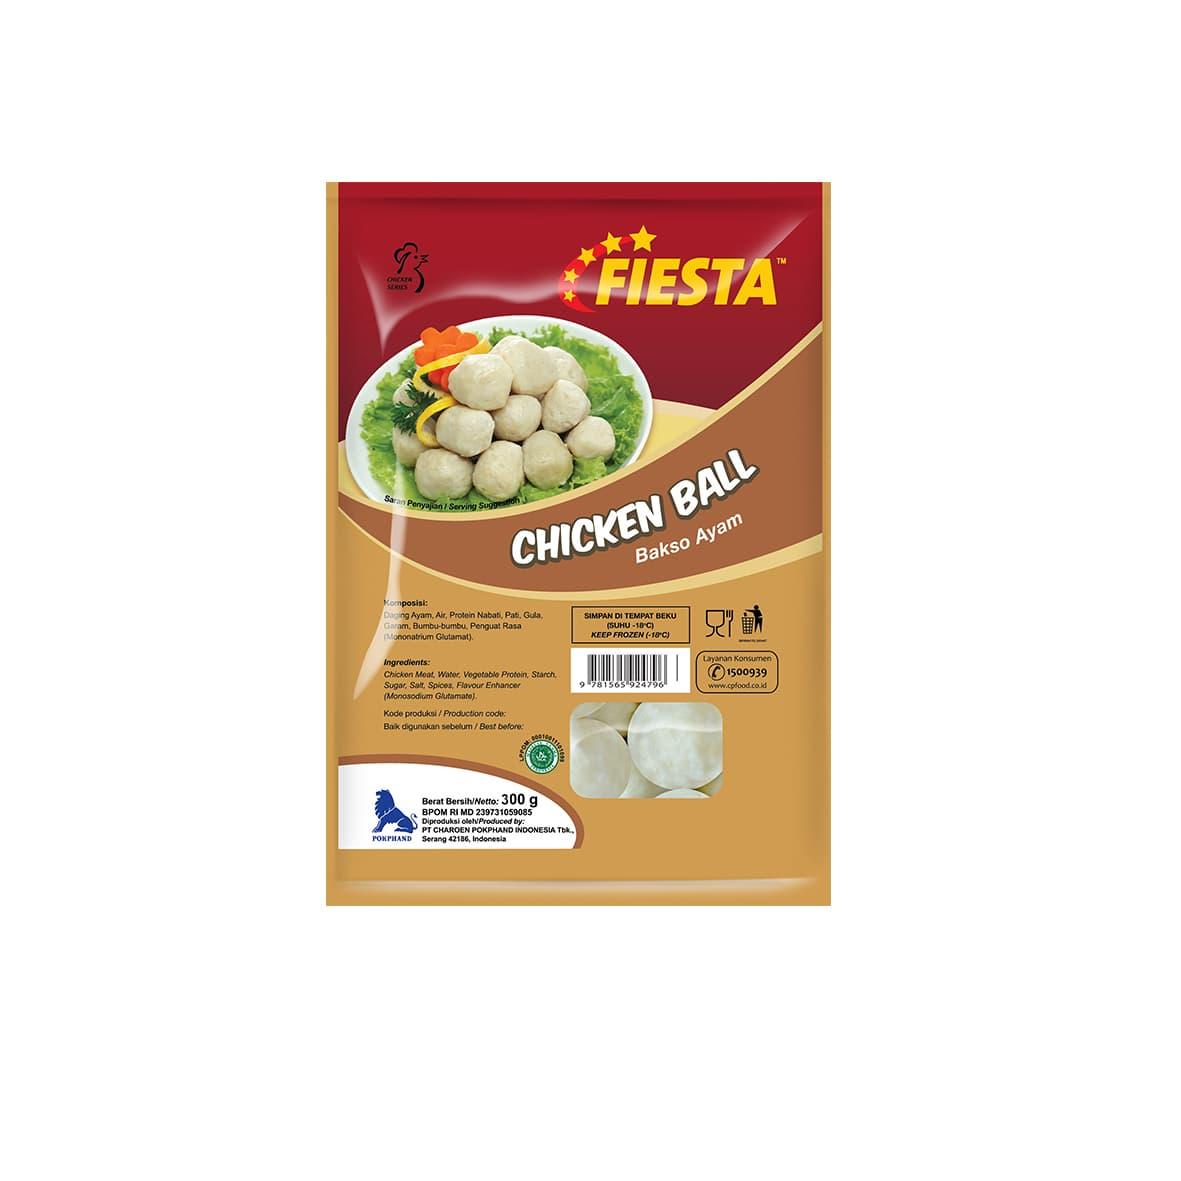 Fiesta Paket Chicken Ball Makanan Instan 300 G (5 Pcs)